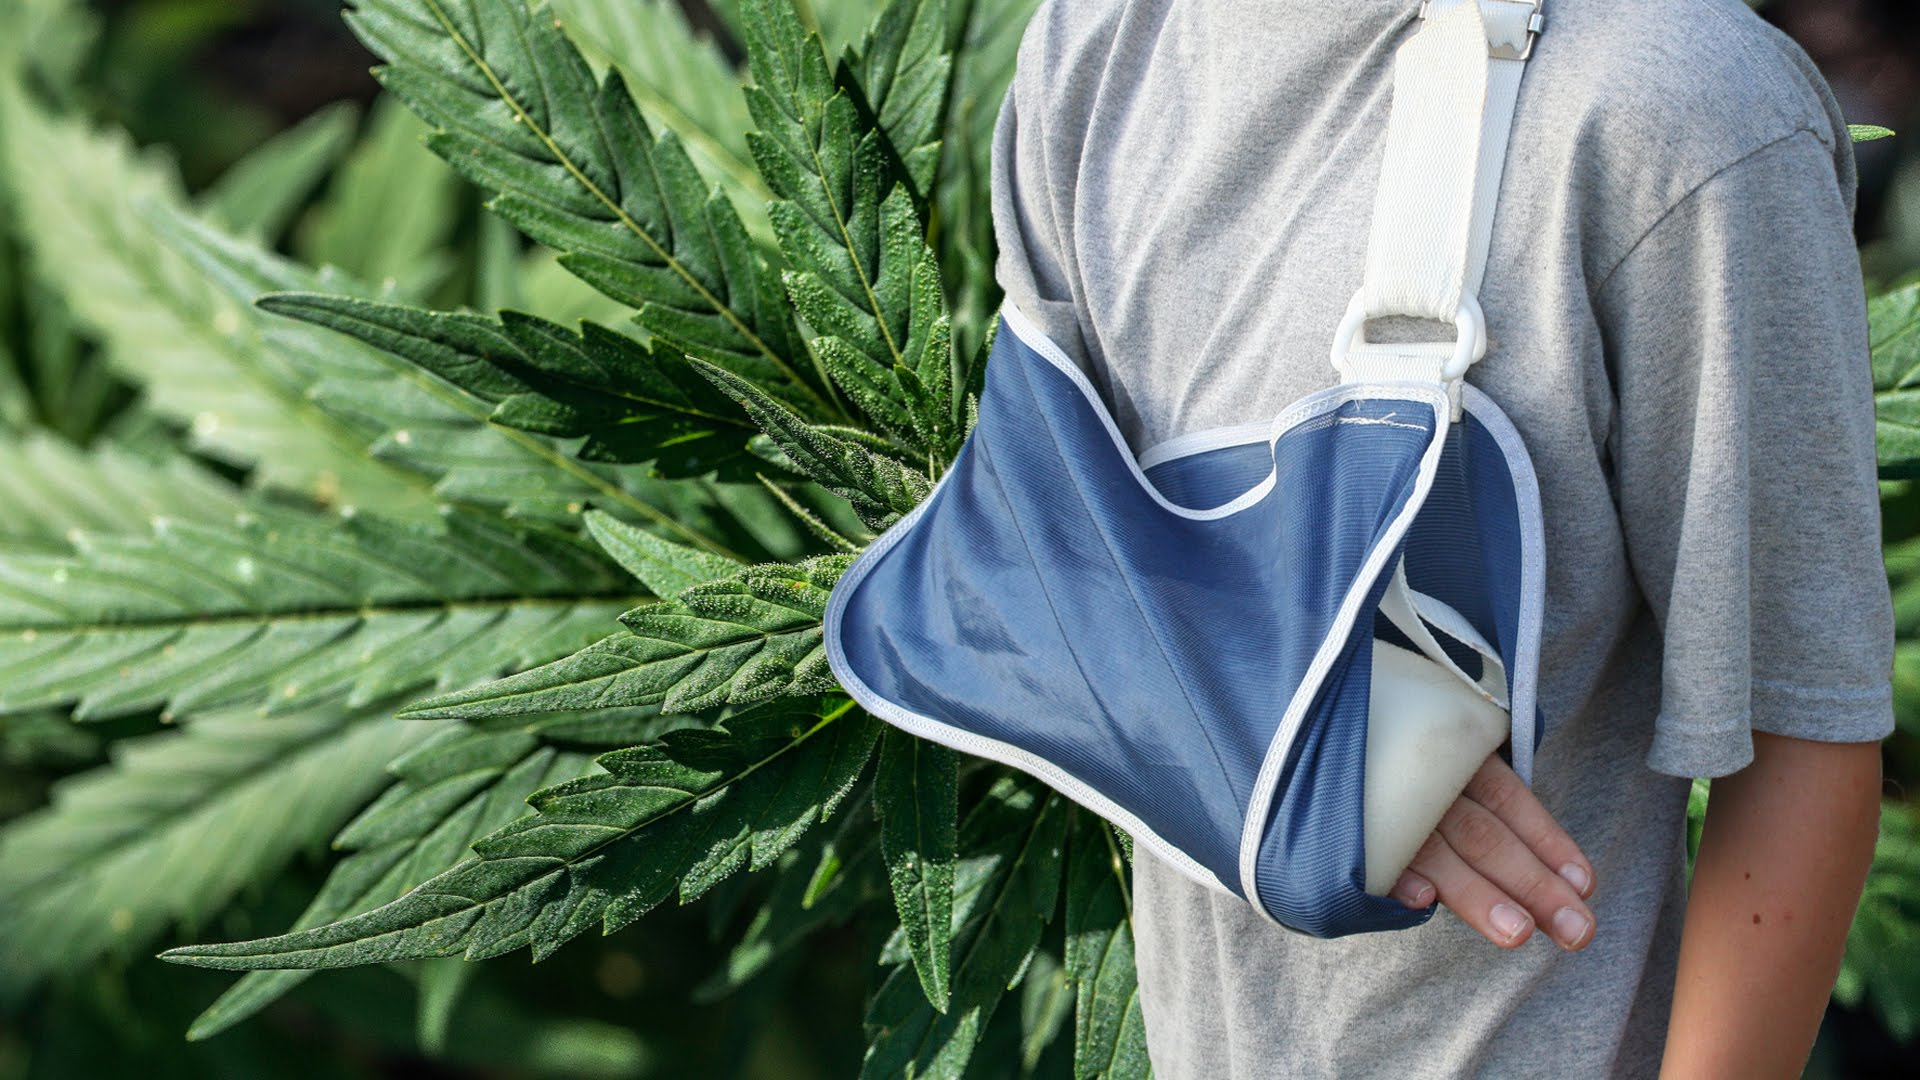 New-Study-Says-Medical-Marijuana-Could-Repair-Broken-Bones